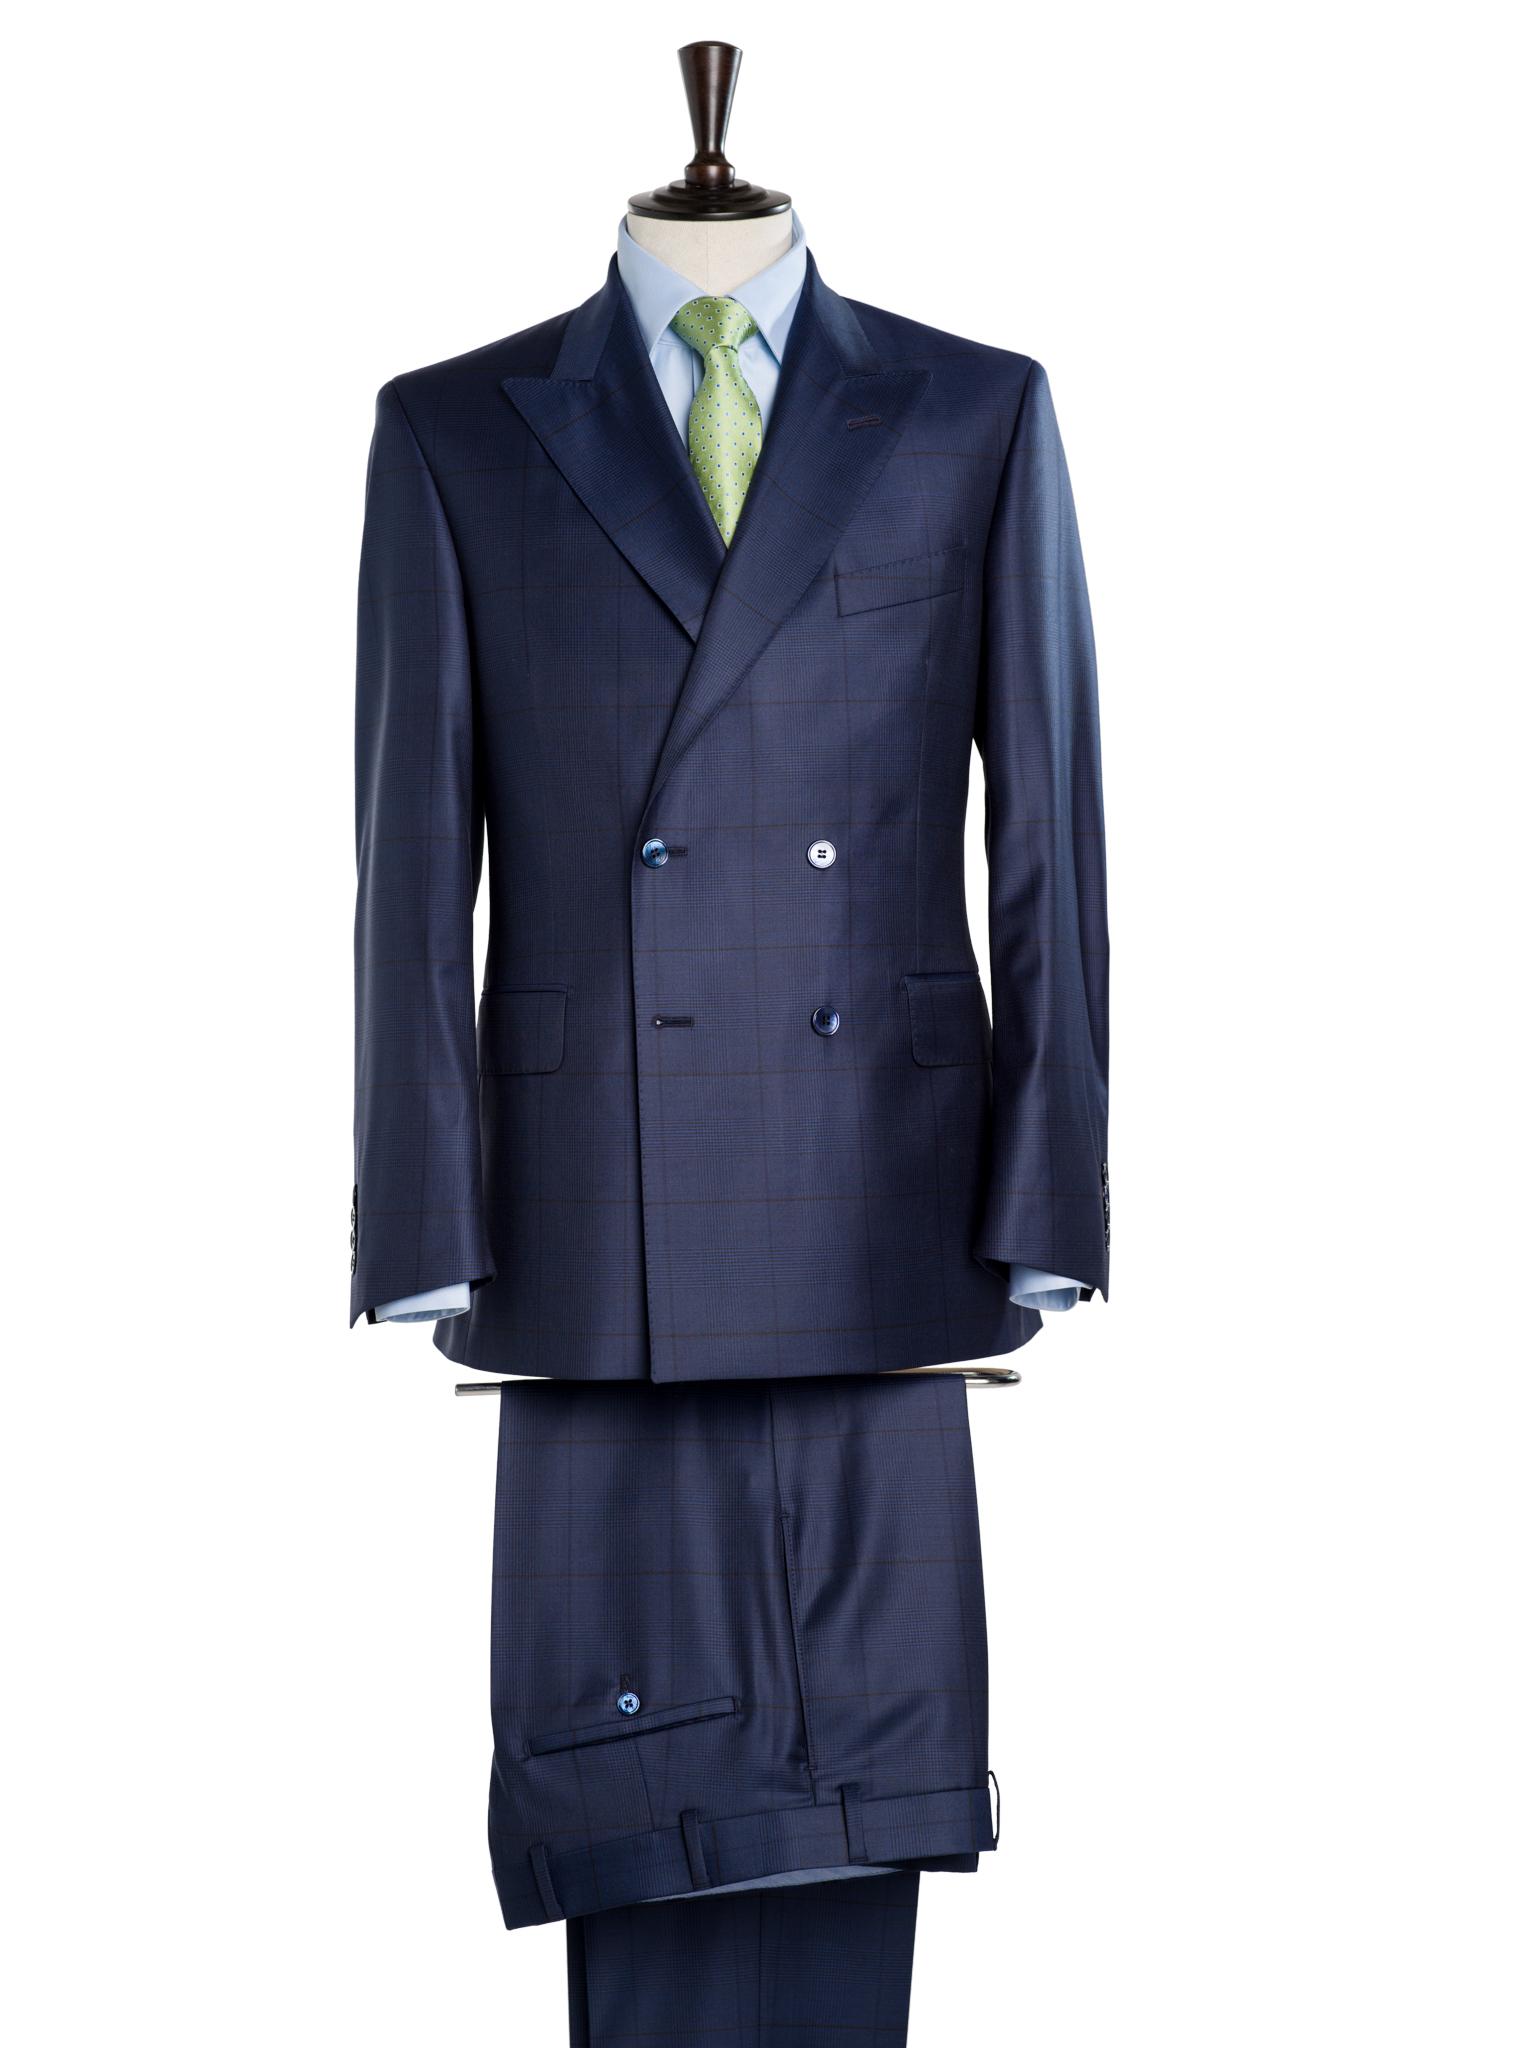 doppelreihiger Anzug nach Maß Wien buttondown.jpg